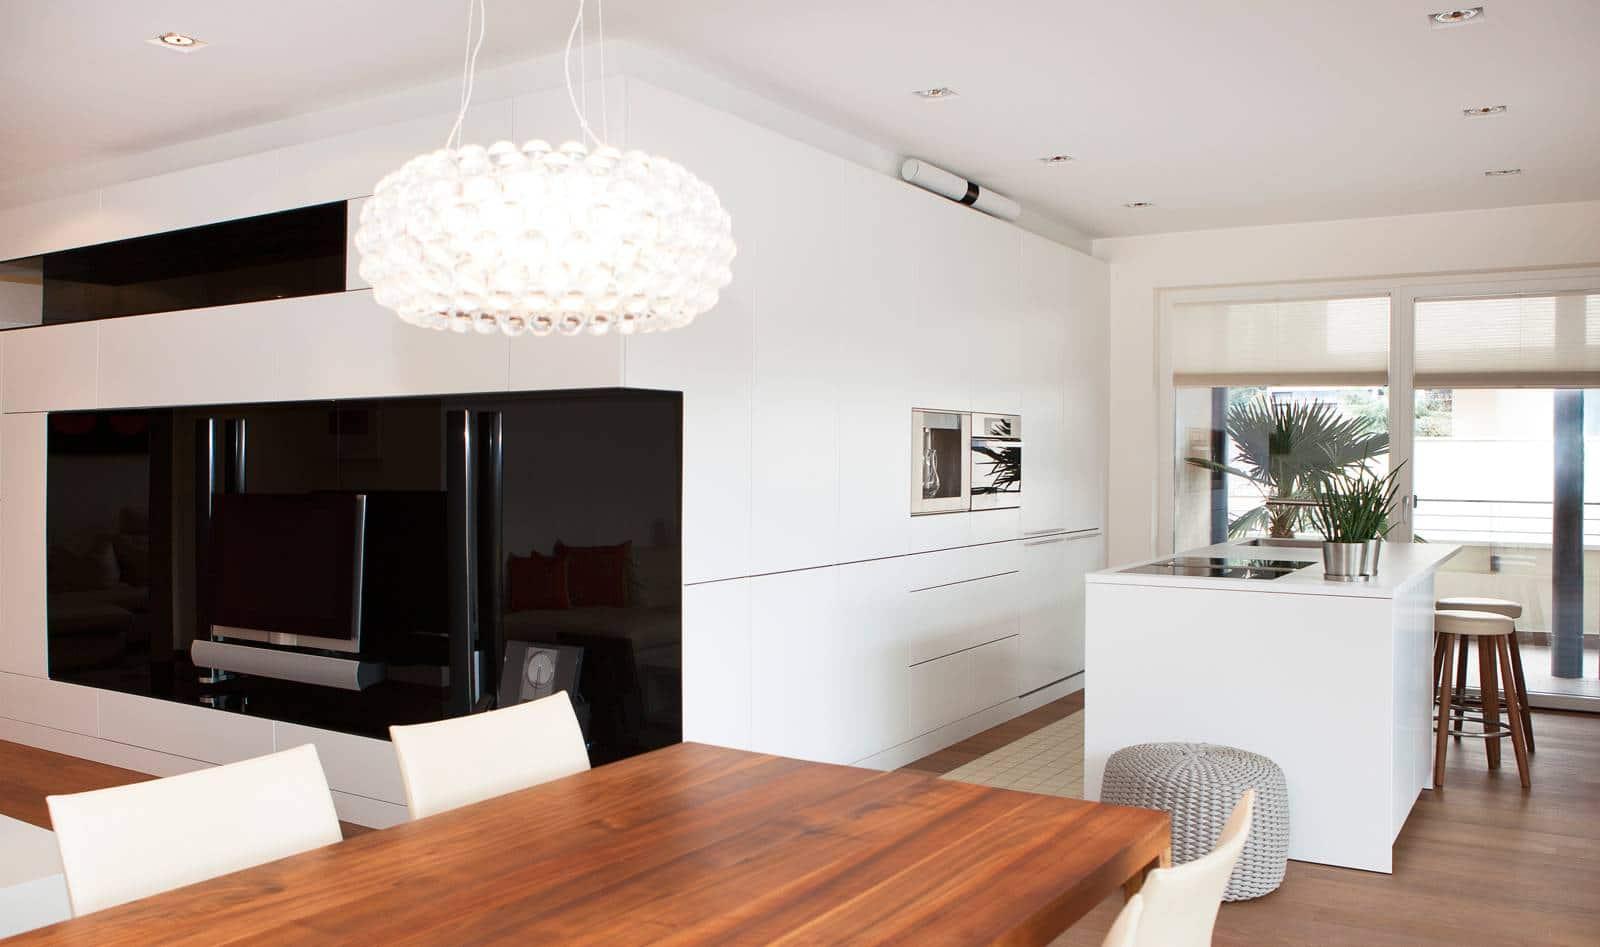 Dise o de planos de apartamento e interior construye hogar - Cocinas diseno moderno ...